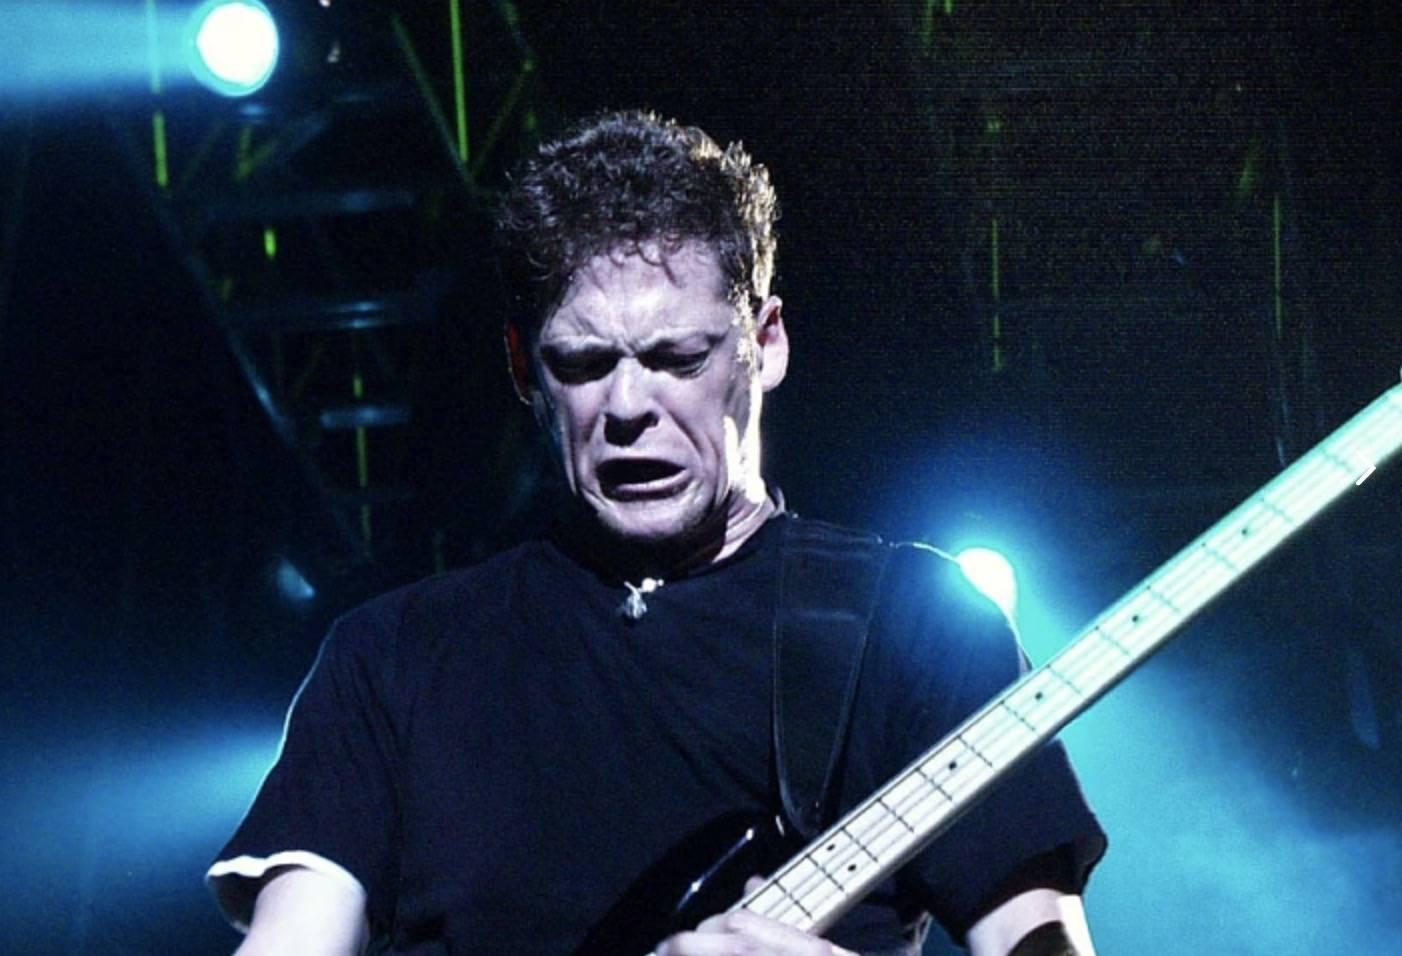 RETRO: Metallica v Praze v roce 1999 - Výbuchy, plameny a pekelné riffy